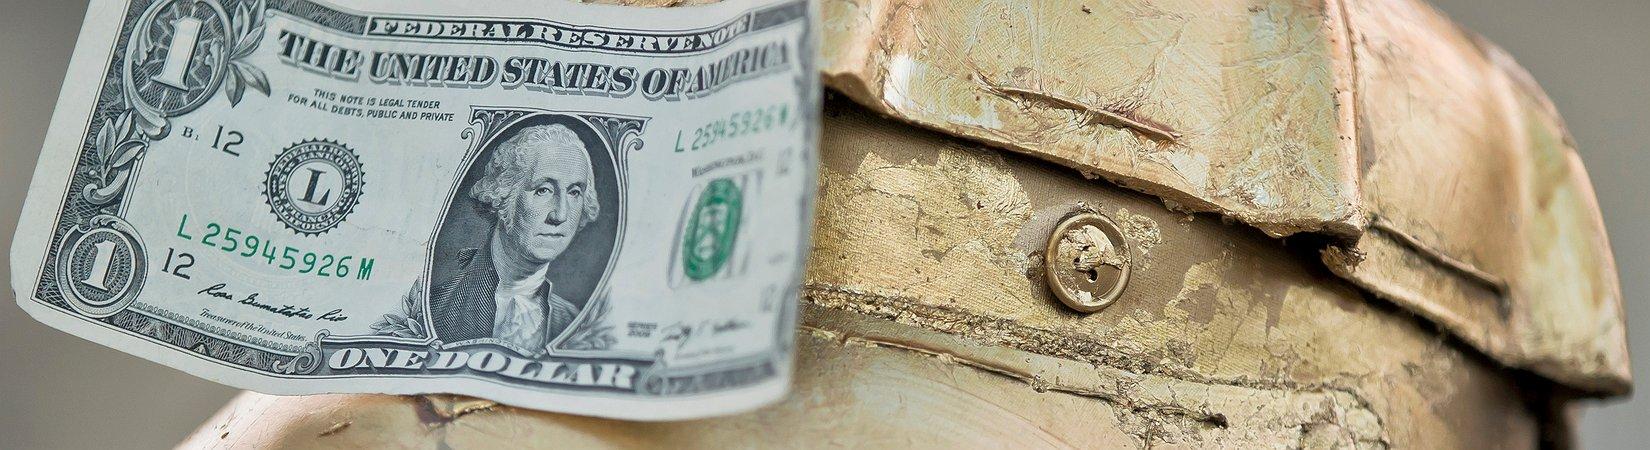 Золото или валюта: На что похож биткоин?